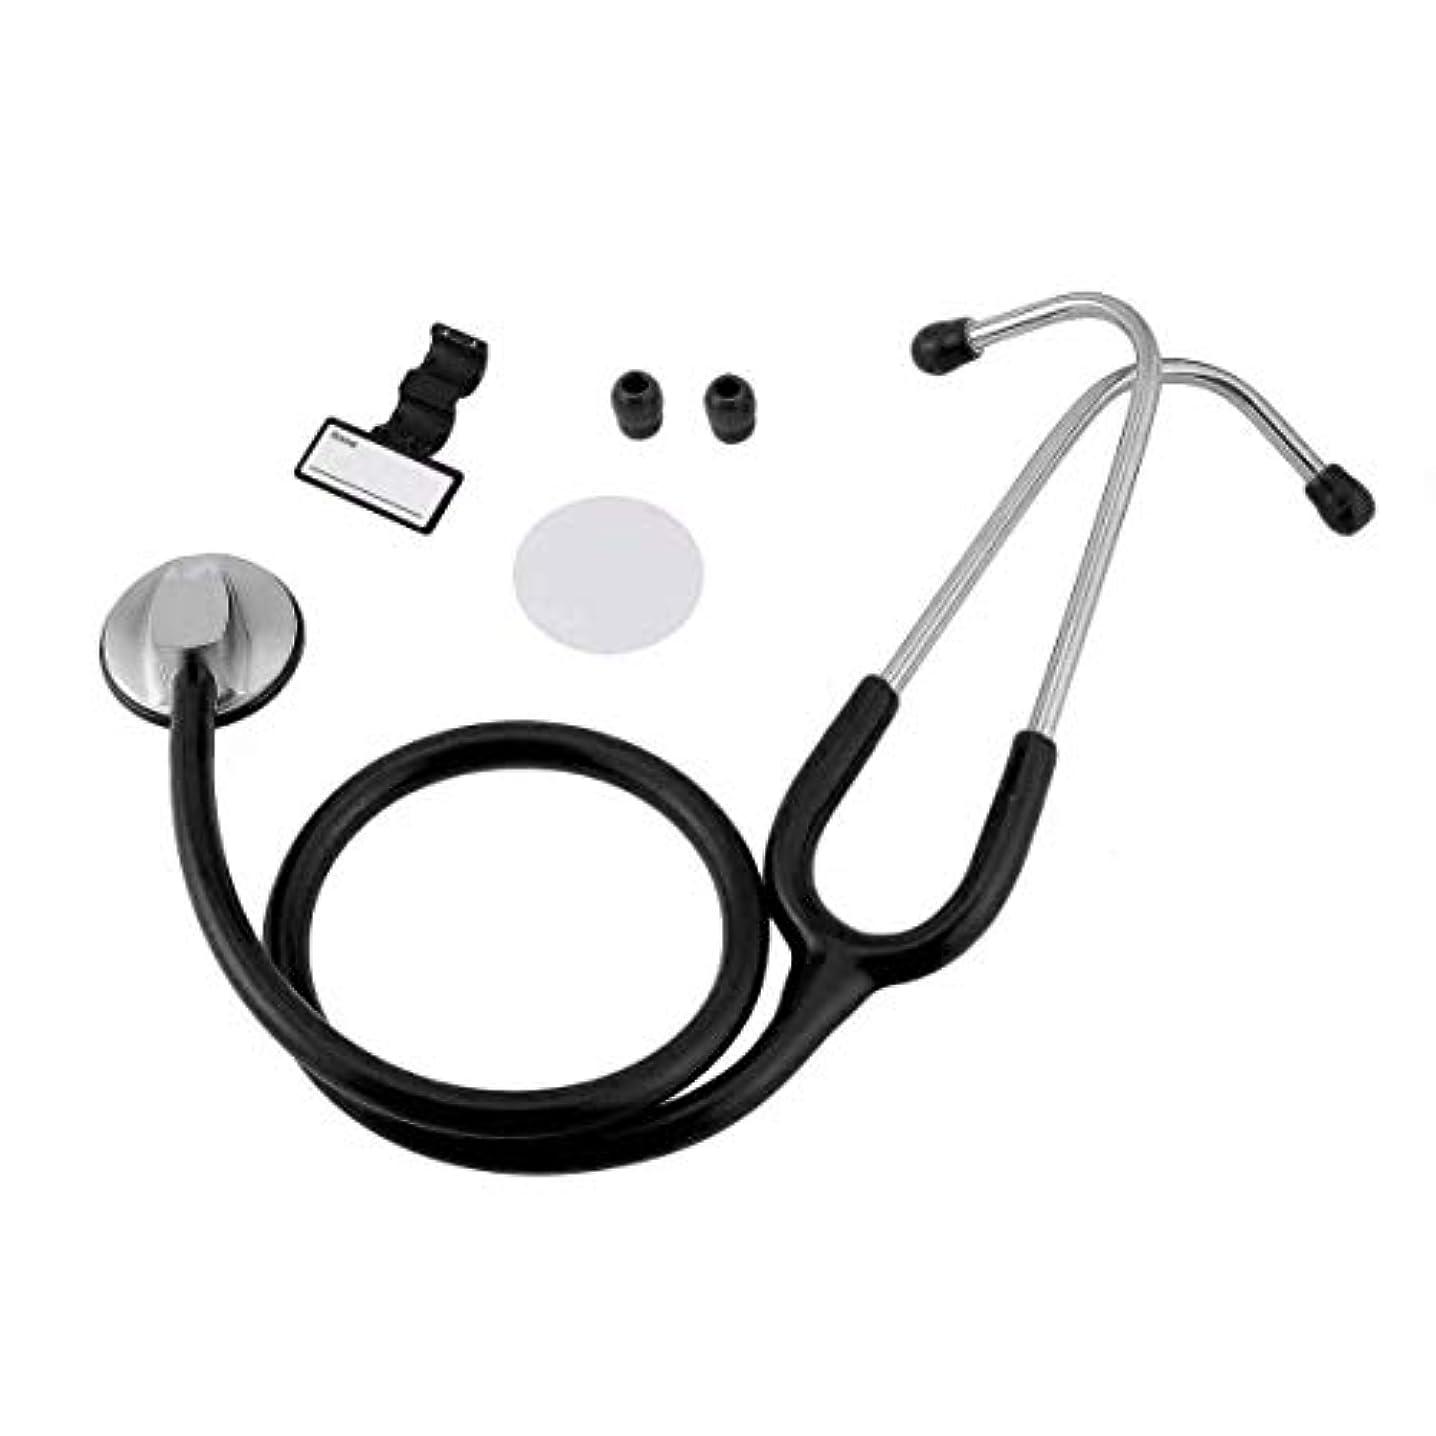 ちっちゃいレッドデート東ティモールintercorey聴診器ポータブルフラットヘッド聴診器医療聴診器用具救助妊娠赤ちゃん聴診器医師医療ヘルスケア